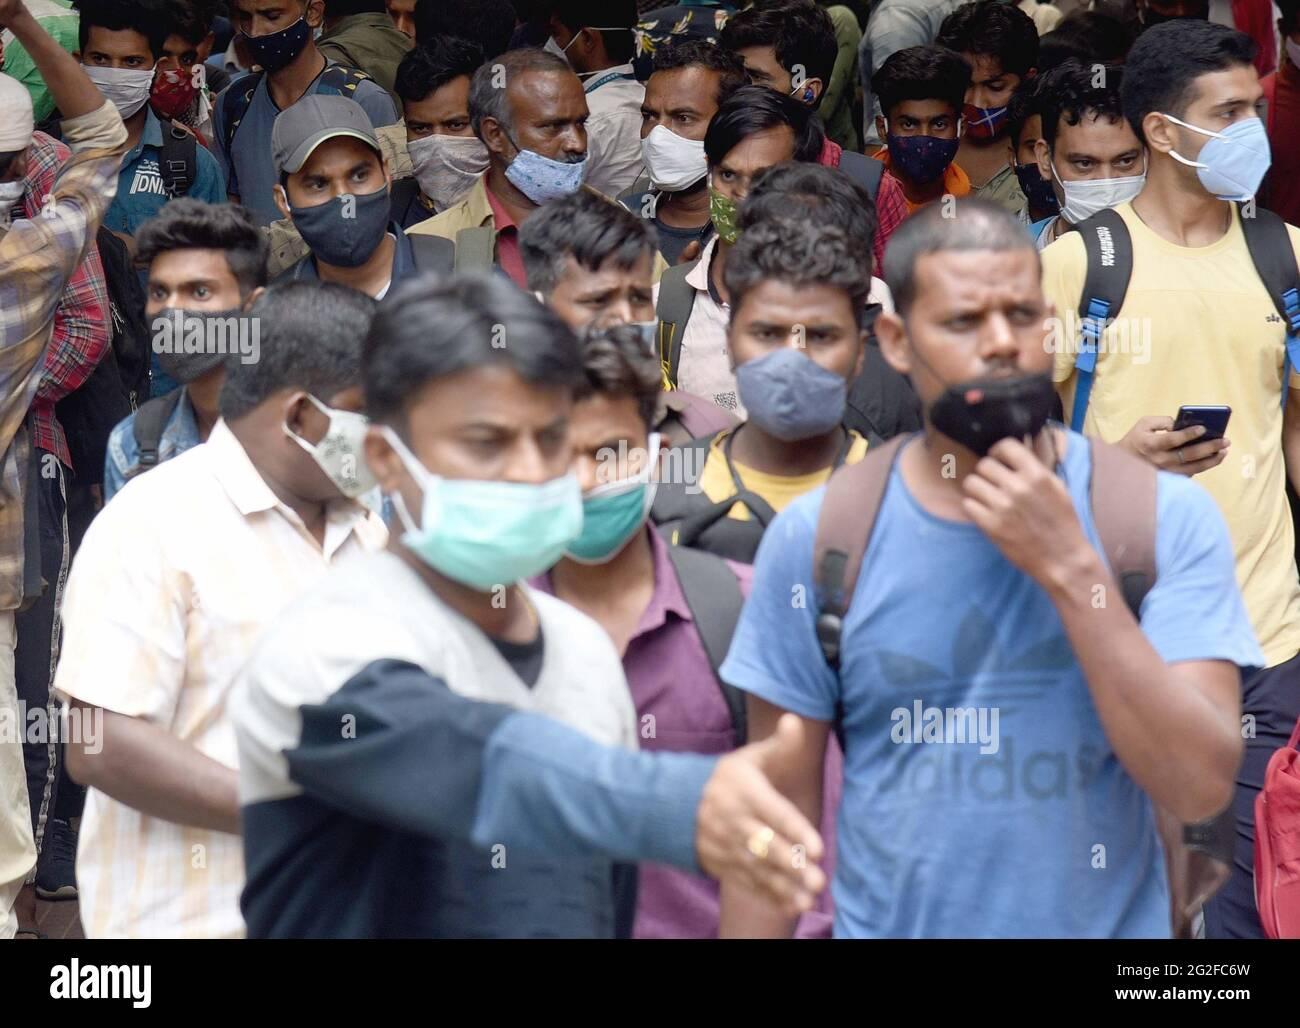 Bangalore, Inde. 10 juin 2021. Les passagers sont vus à la gare ferroviaire de Bangalore pendant le confinement de la COVID-19, à Bangalore, Inde, le 10 juin 2021. Credit: STR/Xinhua/Alay Live News Banque D'Images